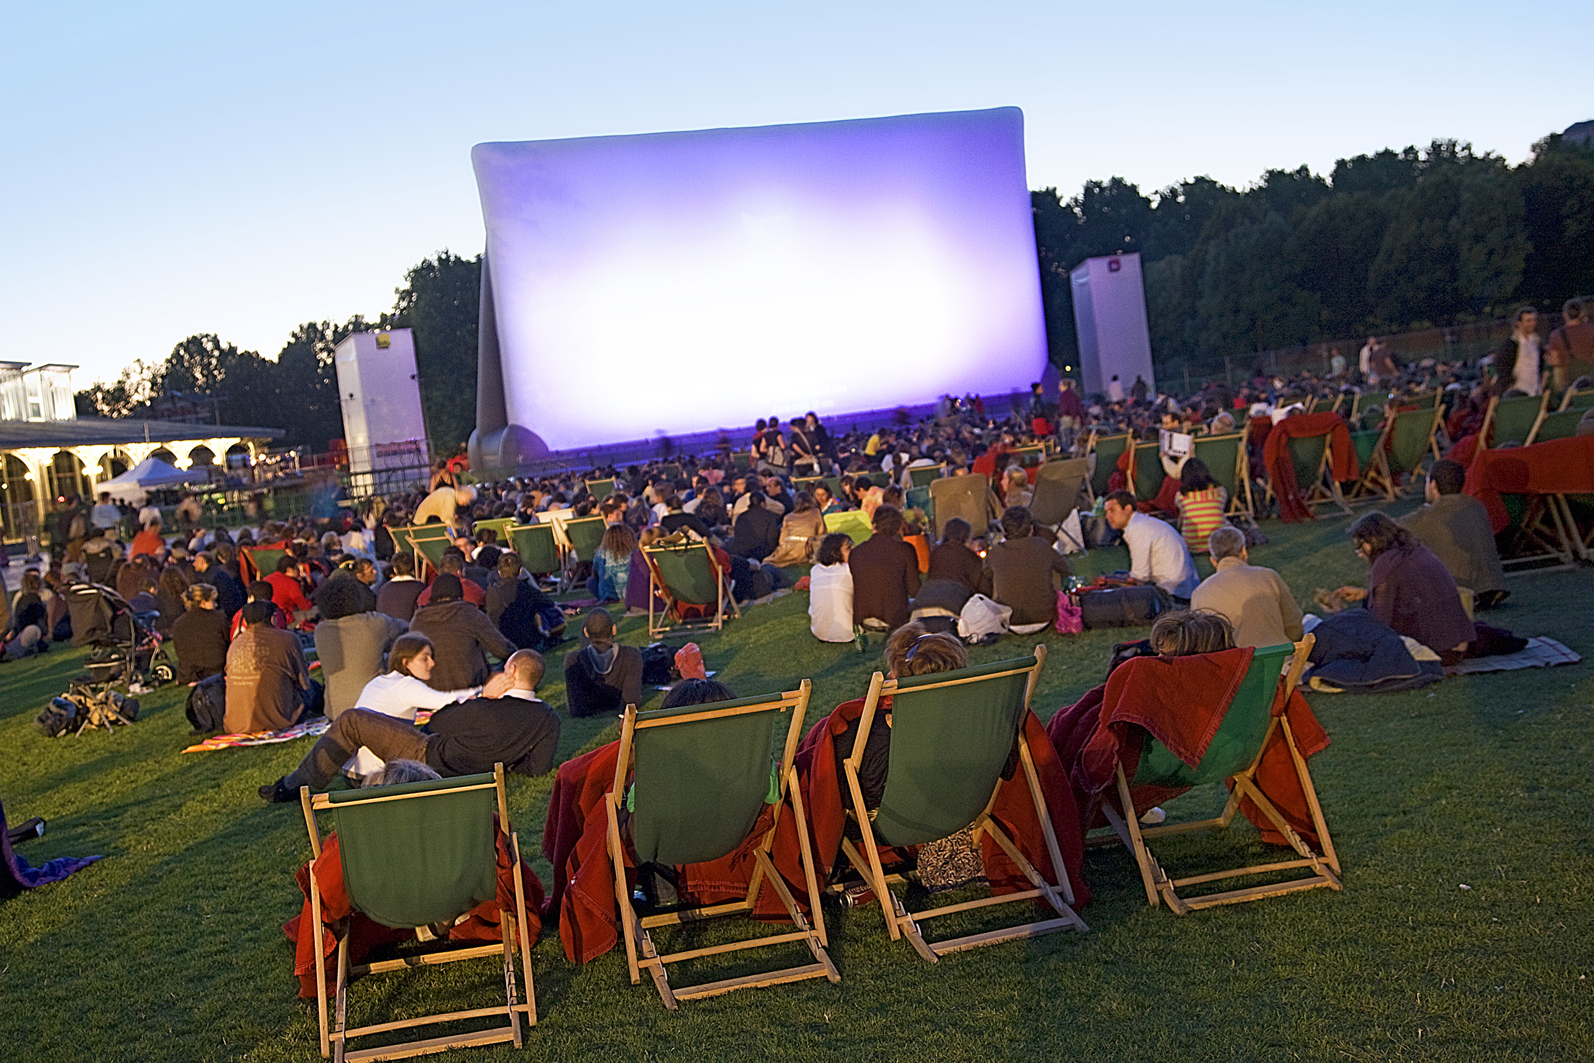 Cinéma en Plein Air de la Villette - image